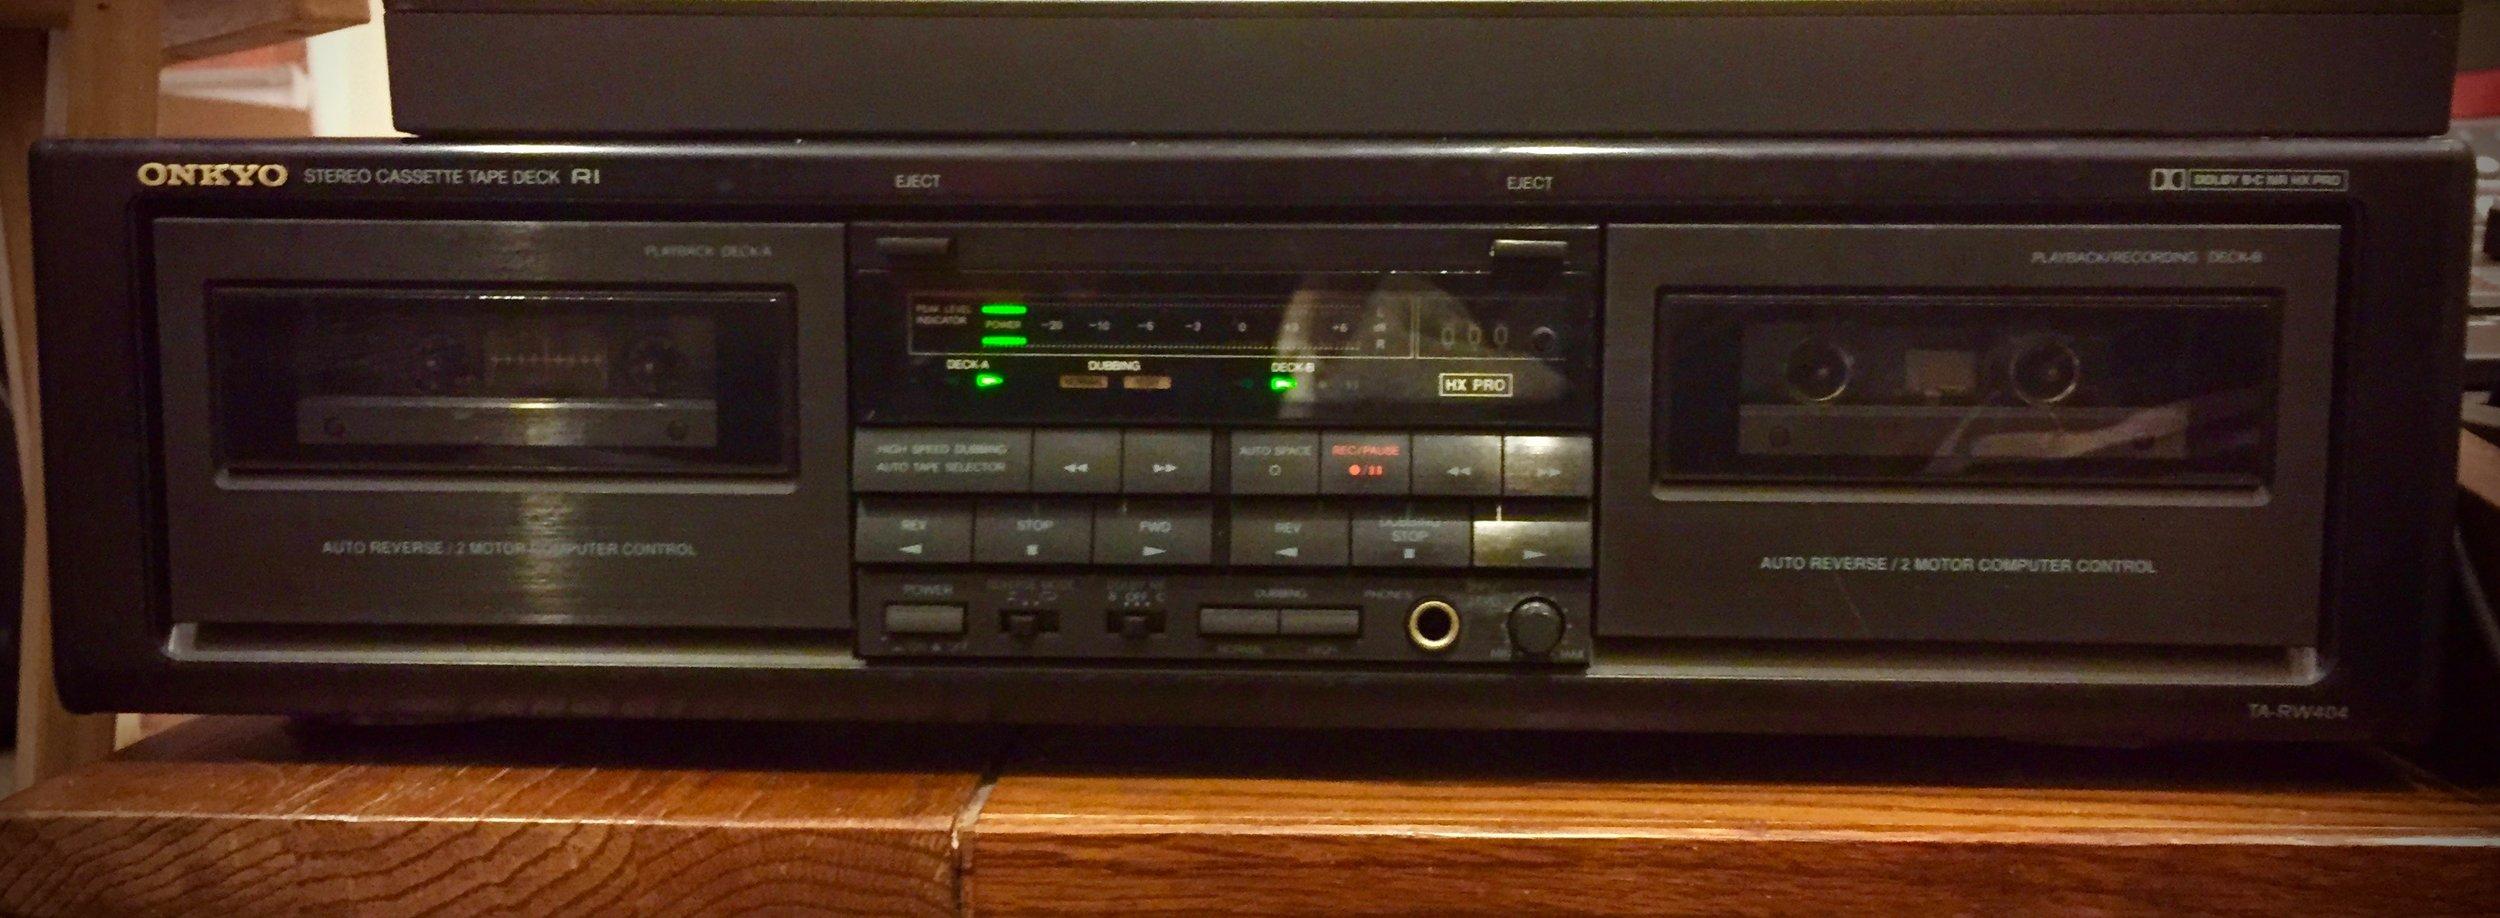 Onkyo Stereo Cassette Tape Deck